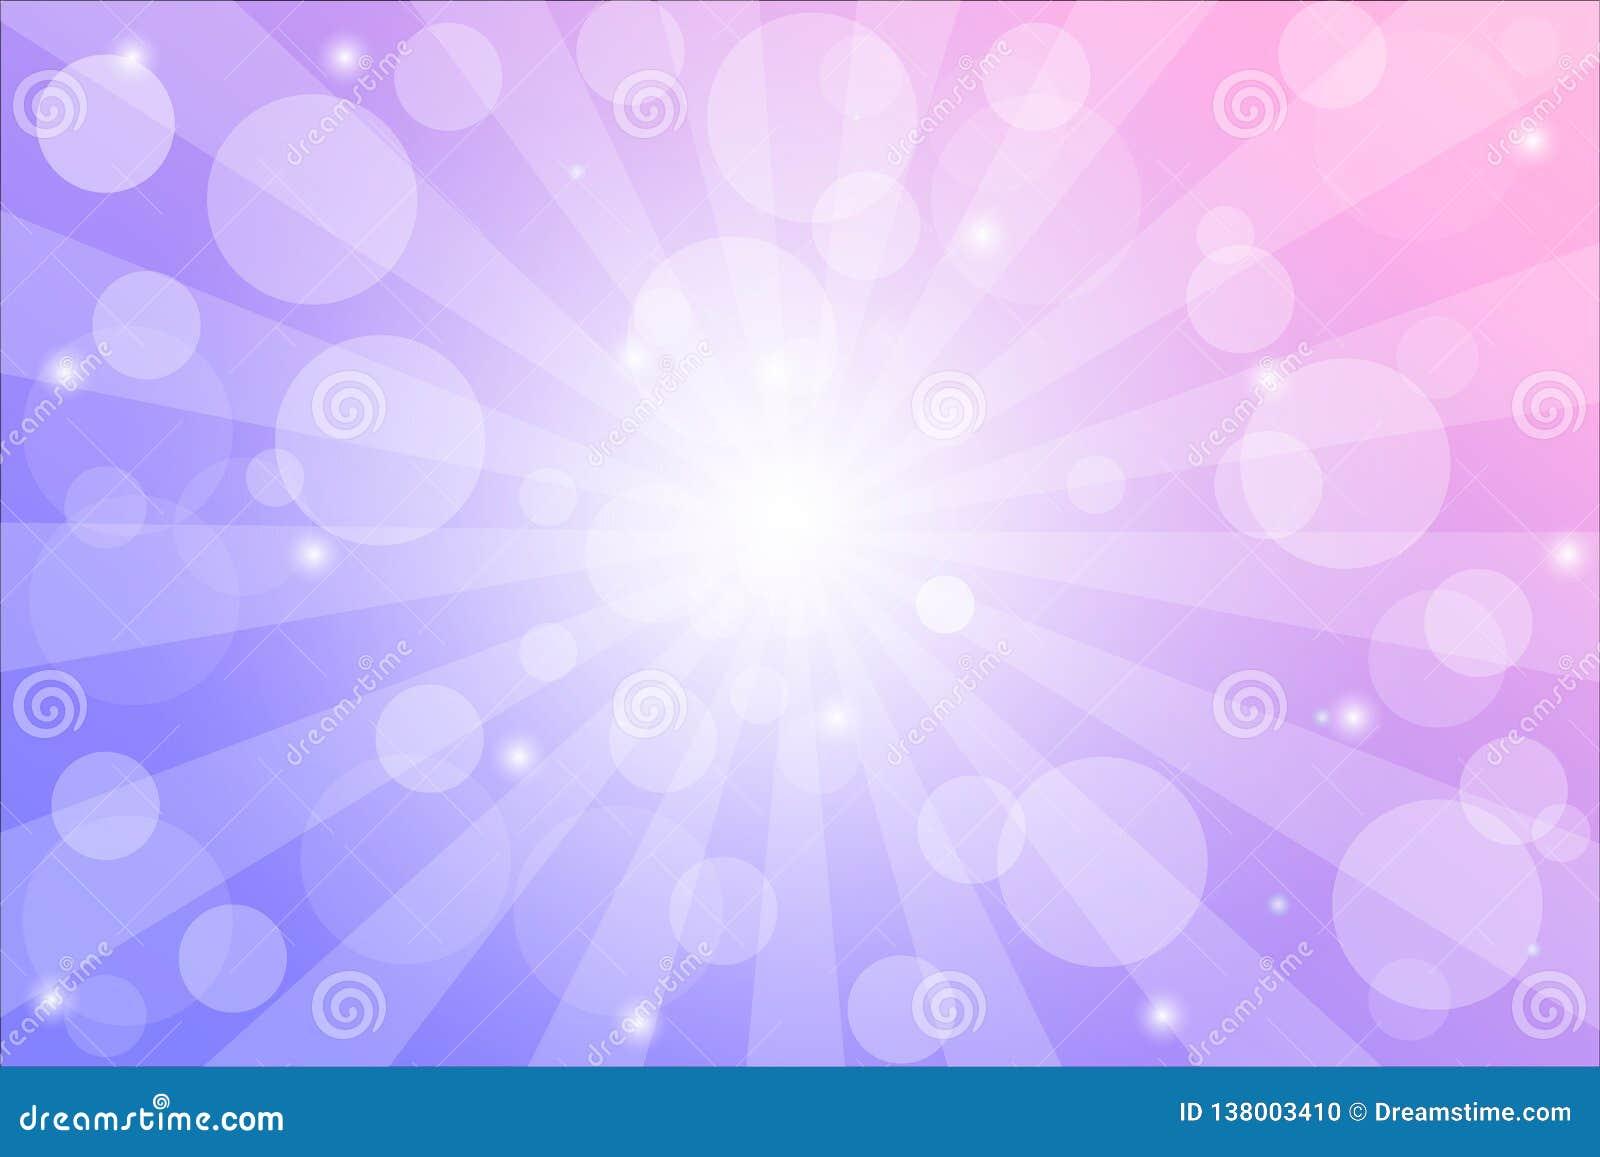 Zonnestraalachtergrond met fonkelingen en stralen, vectorillustratie met bokehlichten